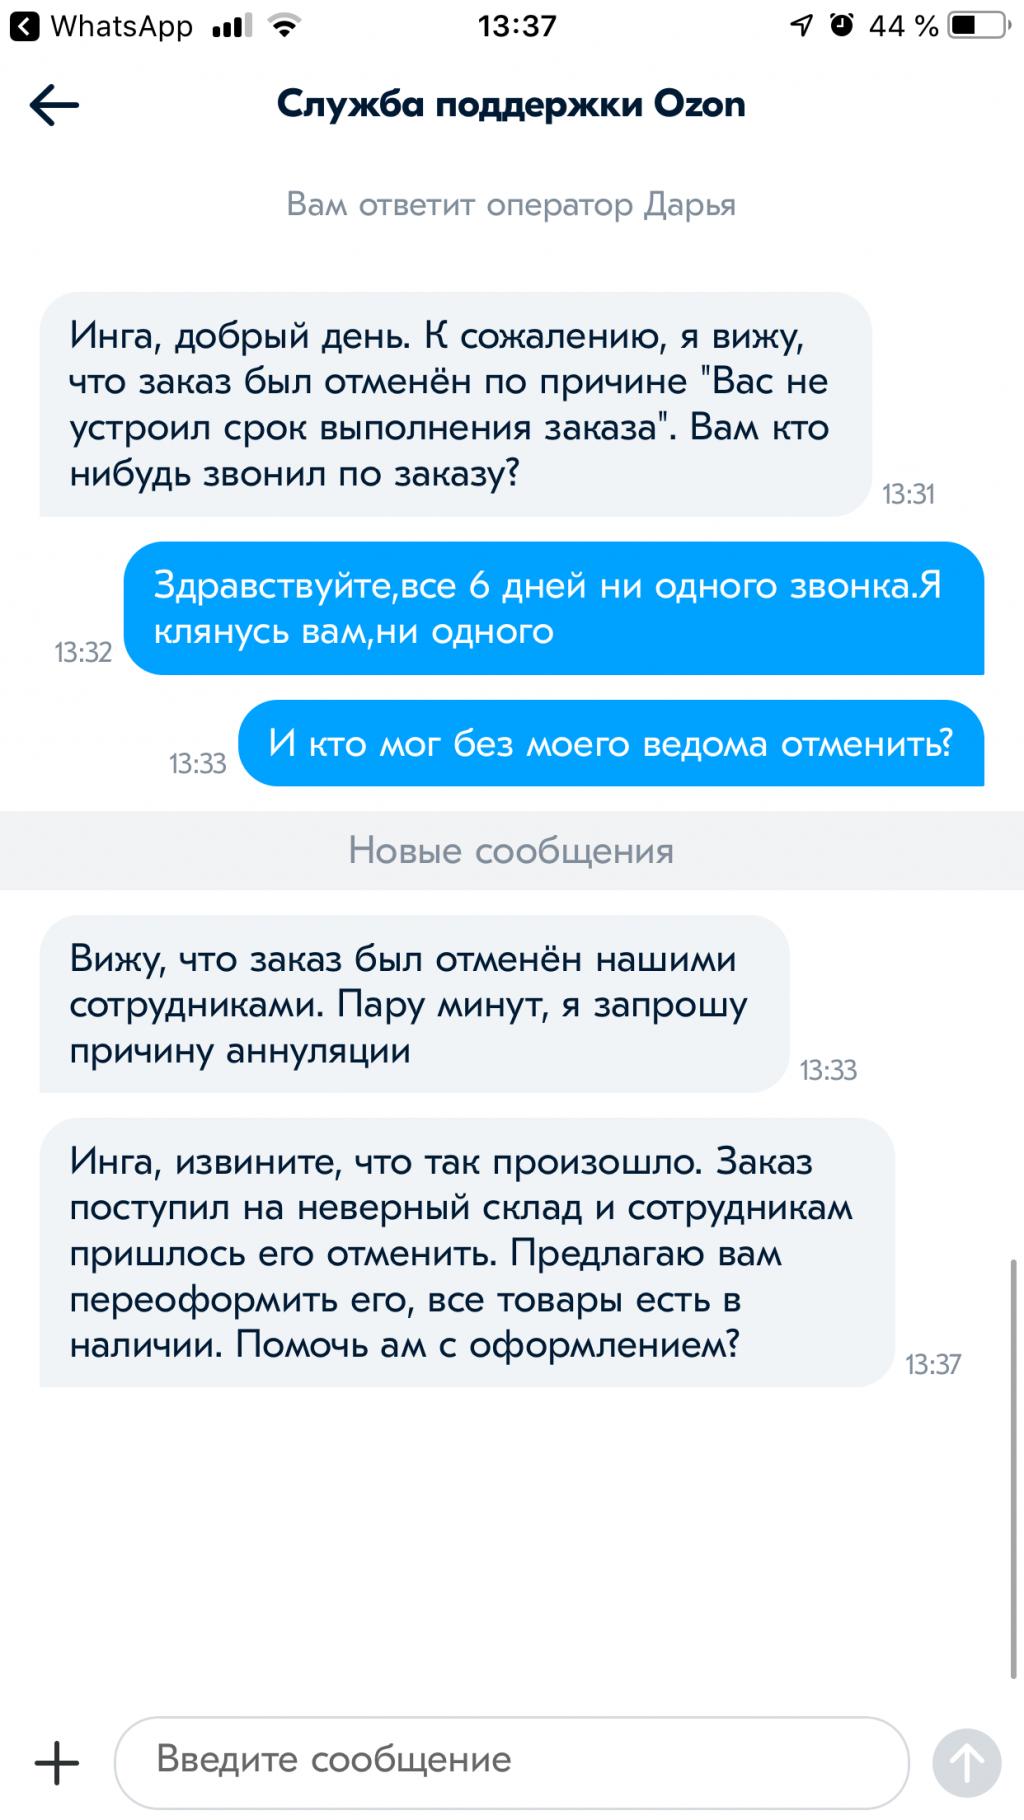 OZON.ru - Это что за компания??? Говно сервис!